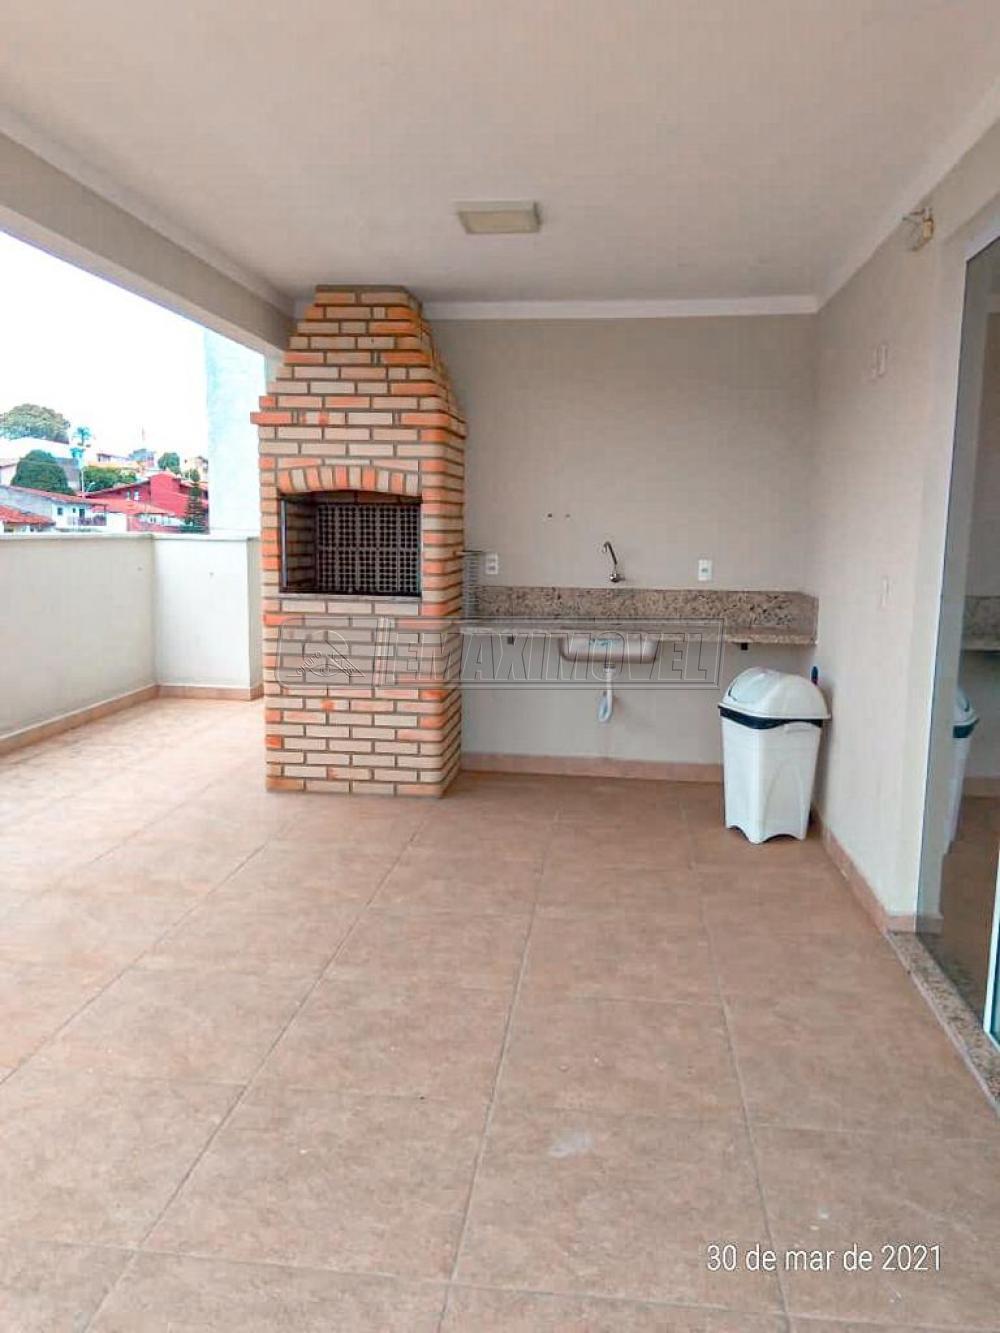 Comprar Apartamentos / Apto Padrão em Sorocaba apenas R$ 230.000,00 - Foto 20